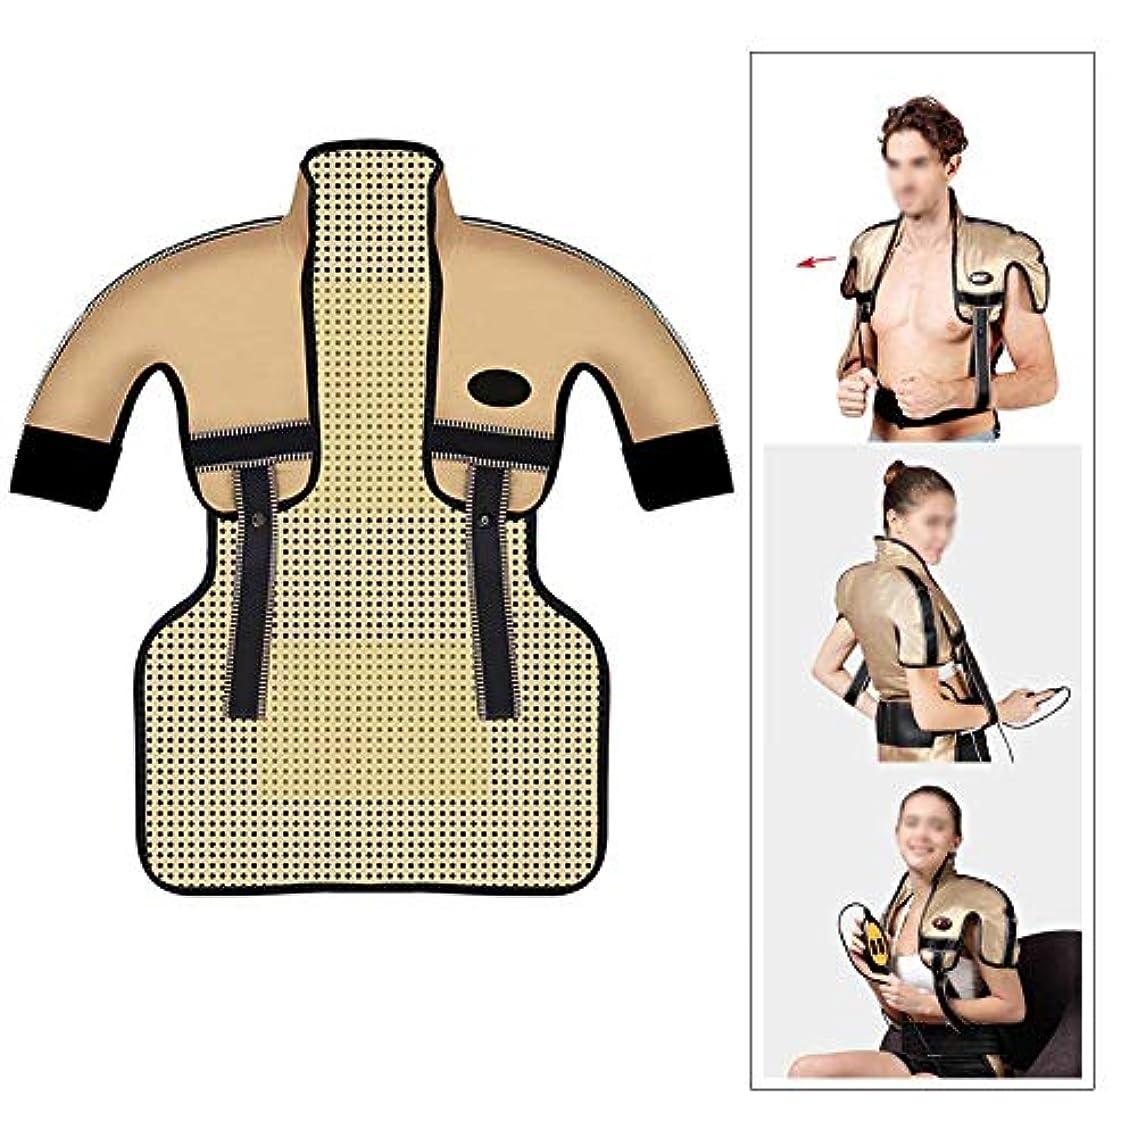 寝室腐敗した主観的肩と首の電気加熱パッド - 混練加熱、痛みを和らげるヒートパッド、医療用品マッサージベスト(肩幅用:35-50CM)